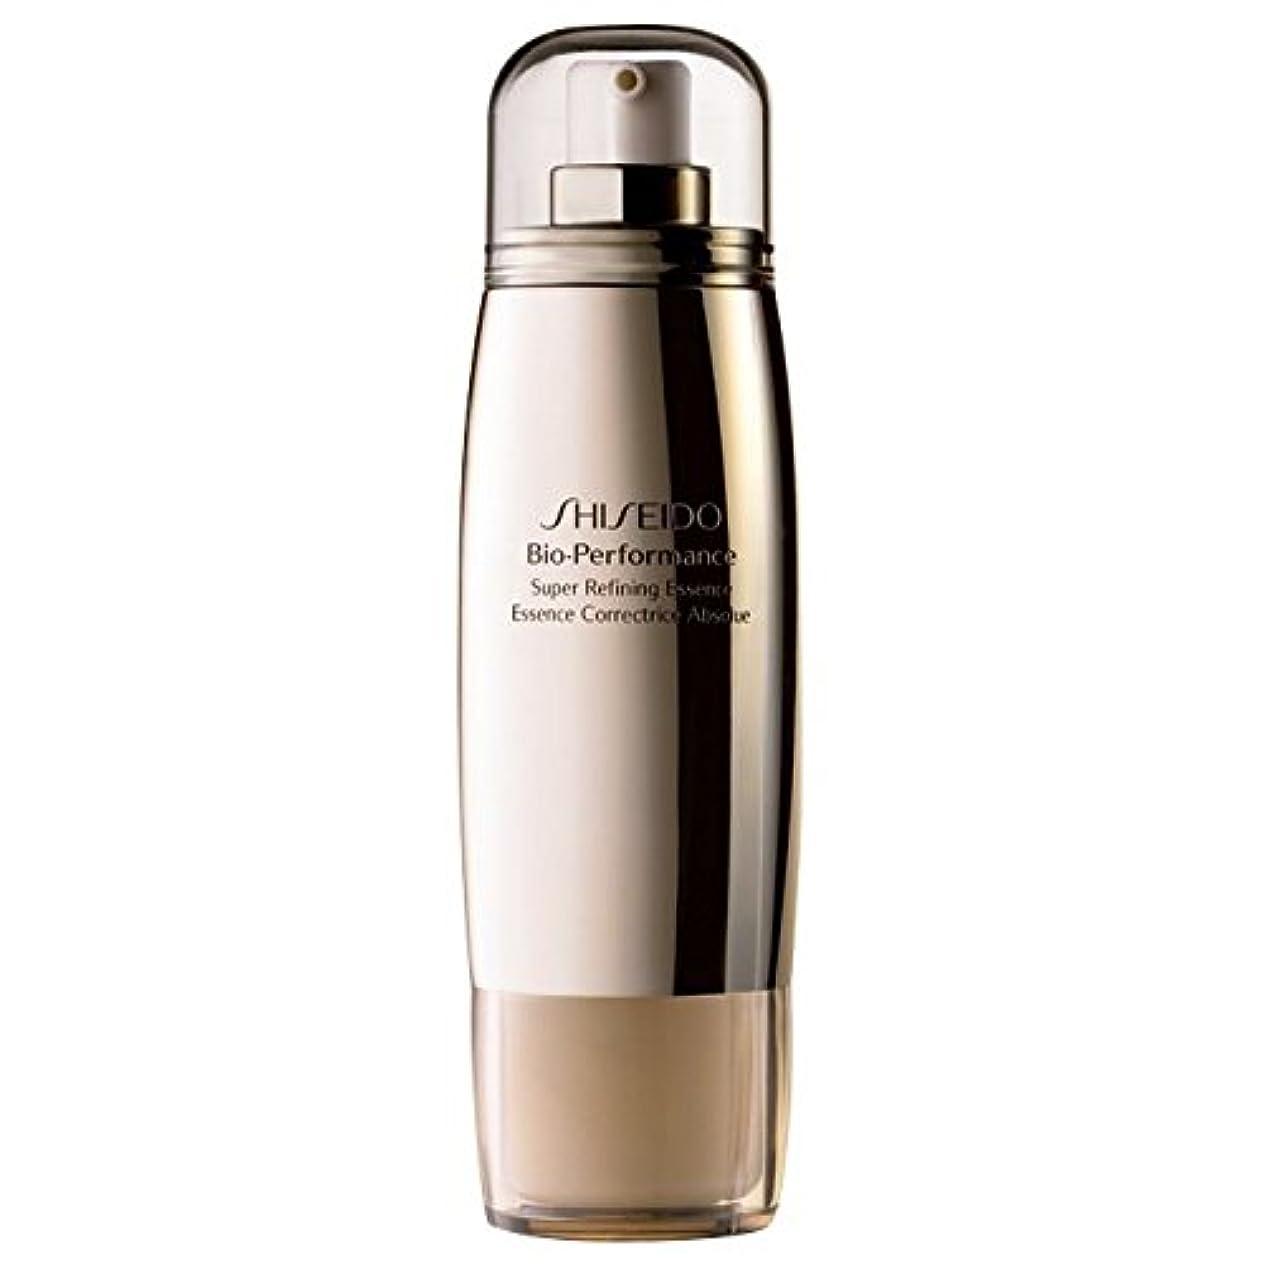 映画仮称ズームインする[Shiseido] 資生堂バイオパフォーマンススーパーリファイニングエッセンスの50ミリリットル - Shiseido Bio-Performance Super Refining Essence 50ml [並行輸入品]